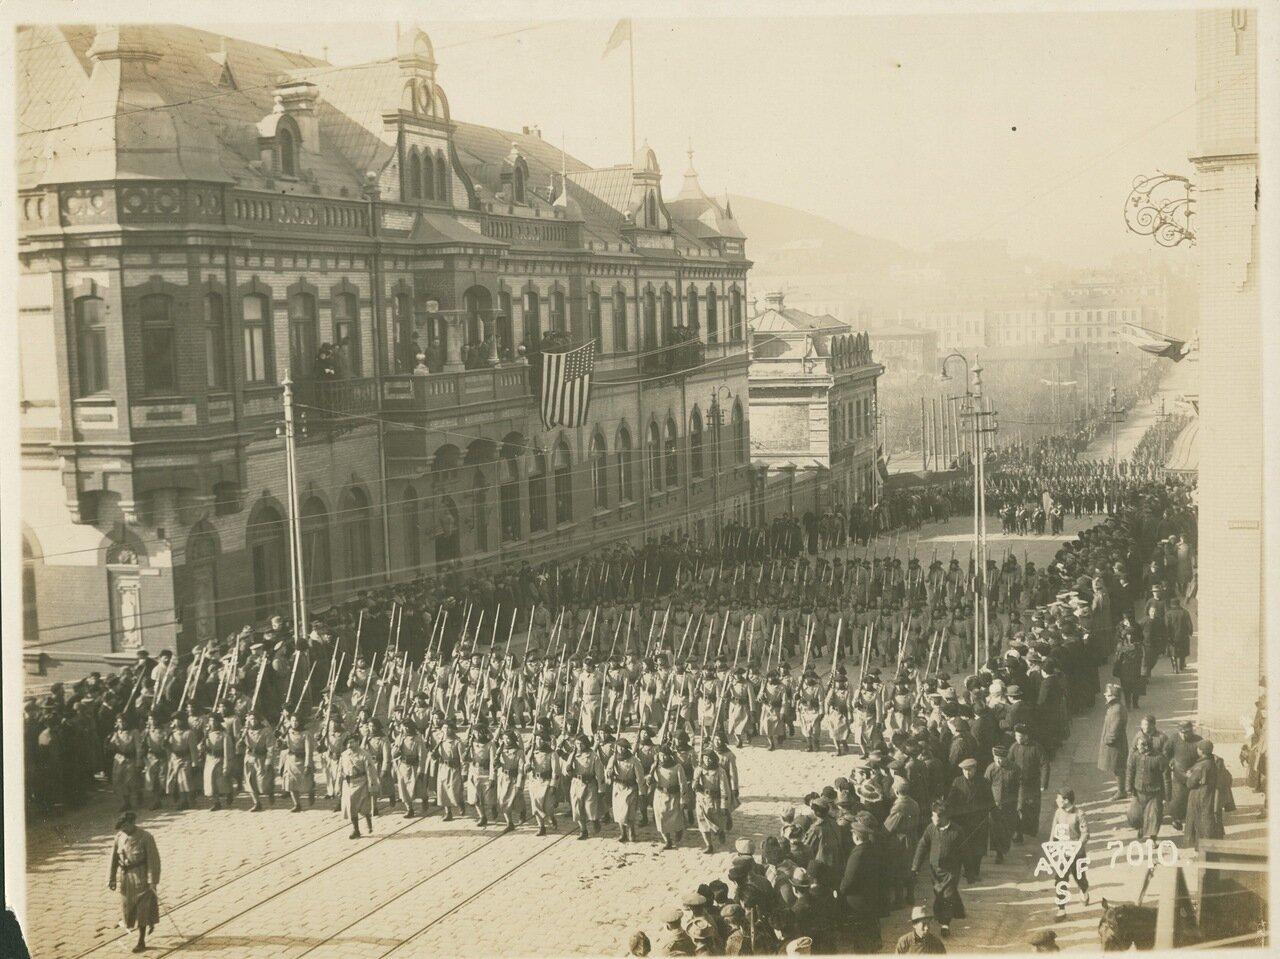 19. 1918. Далее шли французы моряки крейсера «Керсэн» и части «Французского Сибирскиого колониального батальона» 15 ноября1